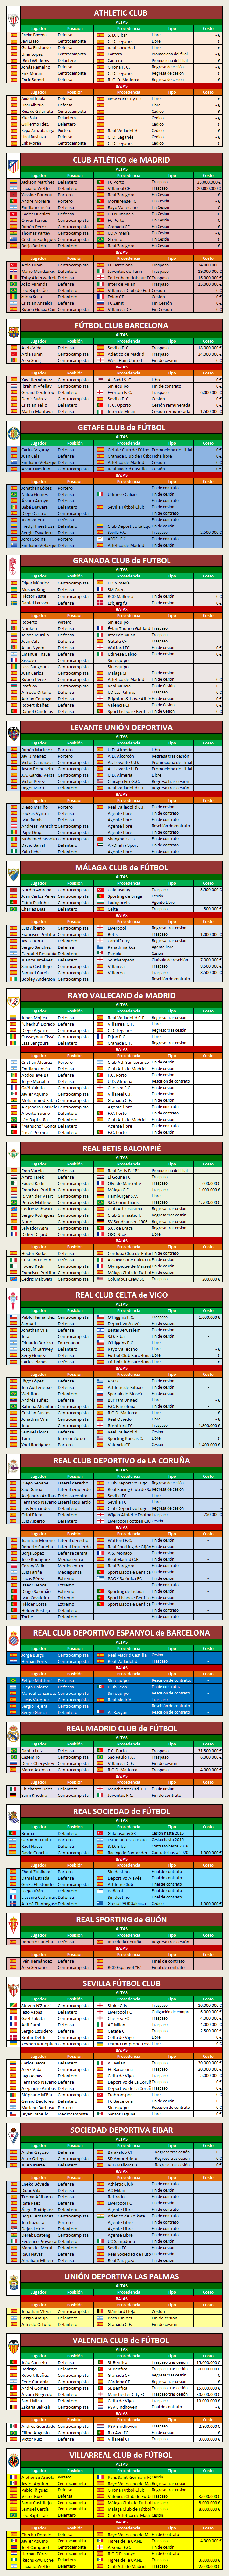 Mercado de Fichajes en Primera Division 2015-2016